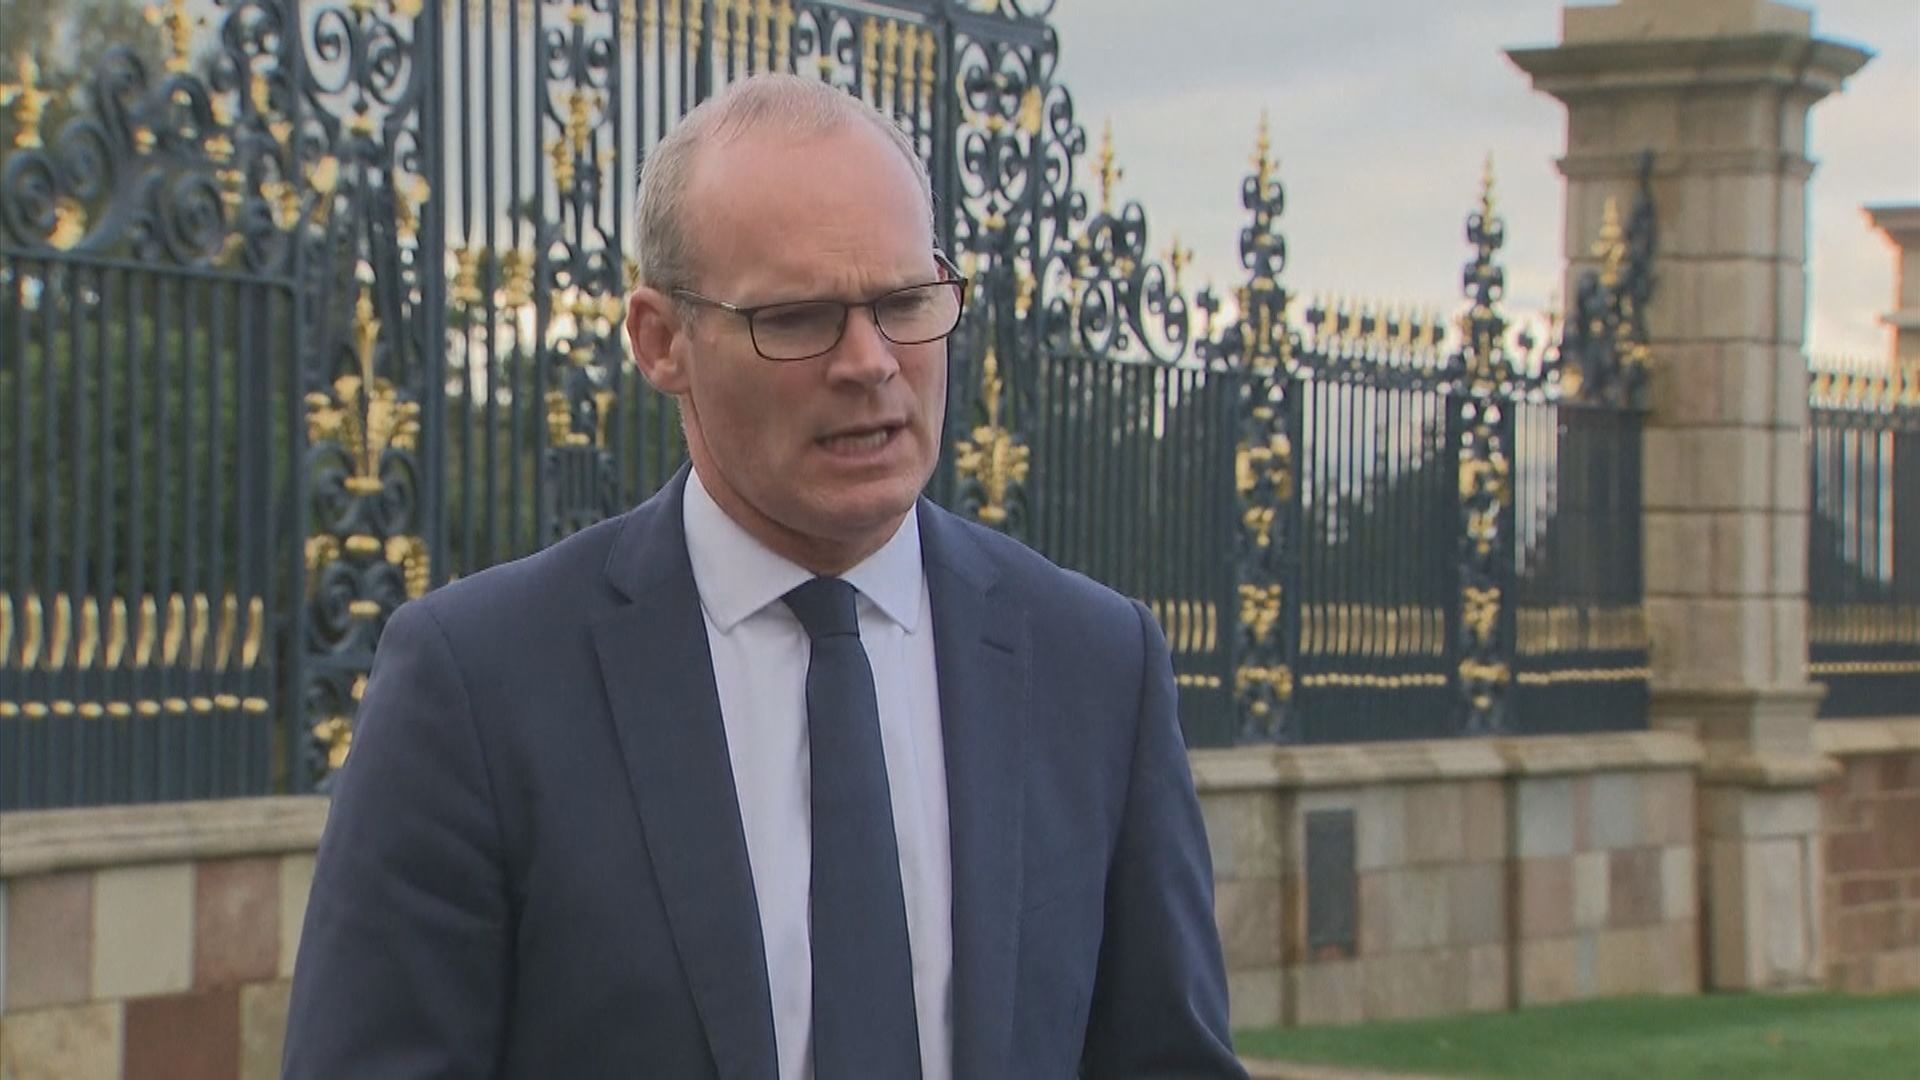 愛爾蘭暫停與香港之間的引渡協議